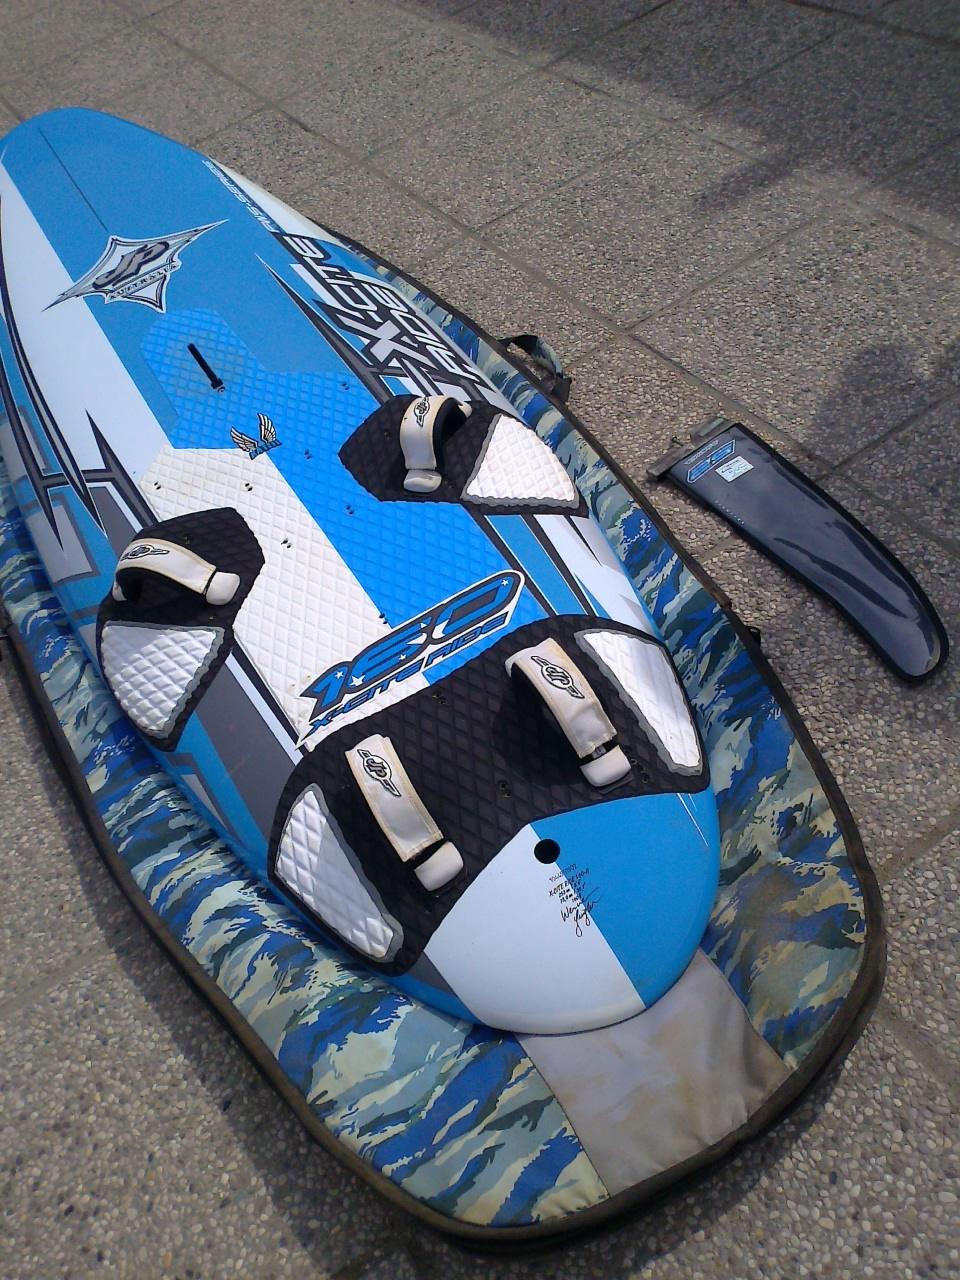 Tavole da windsurf varie rrd jp fanatic surfmercato - Tavole da windsurf usate ...